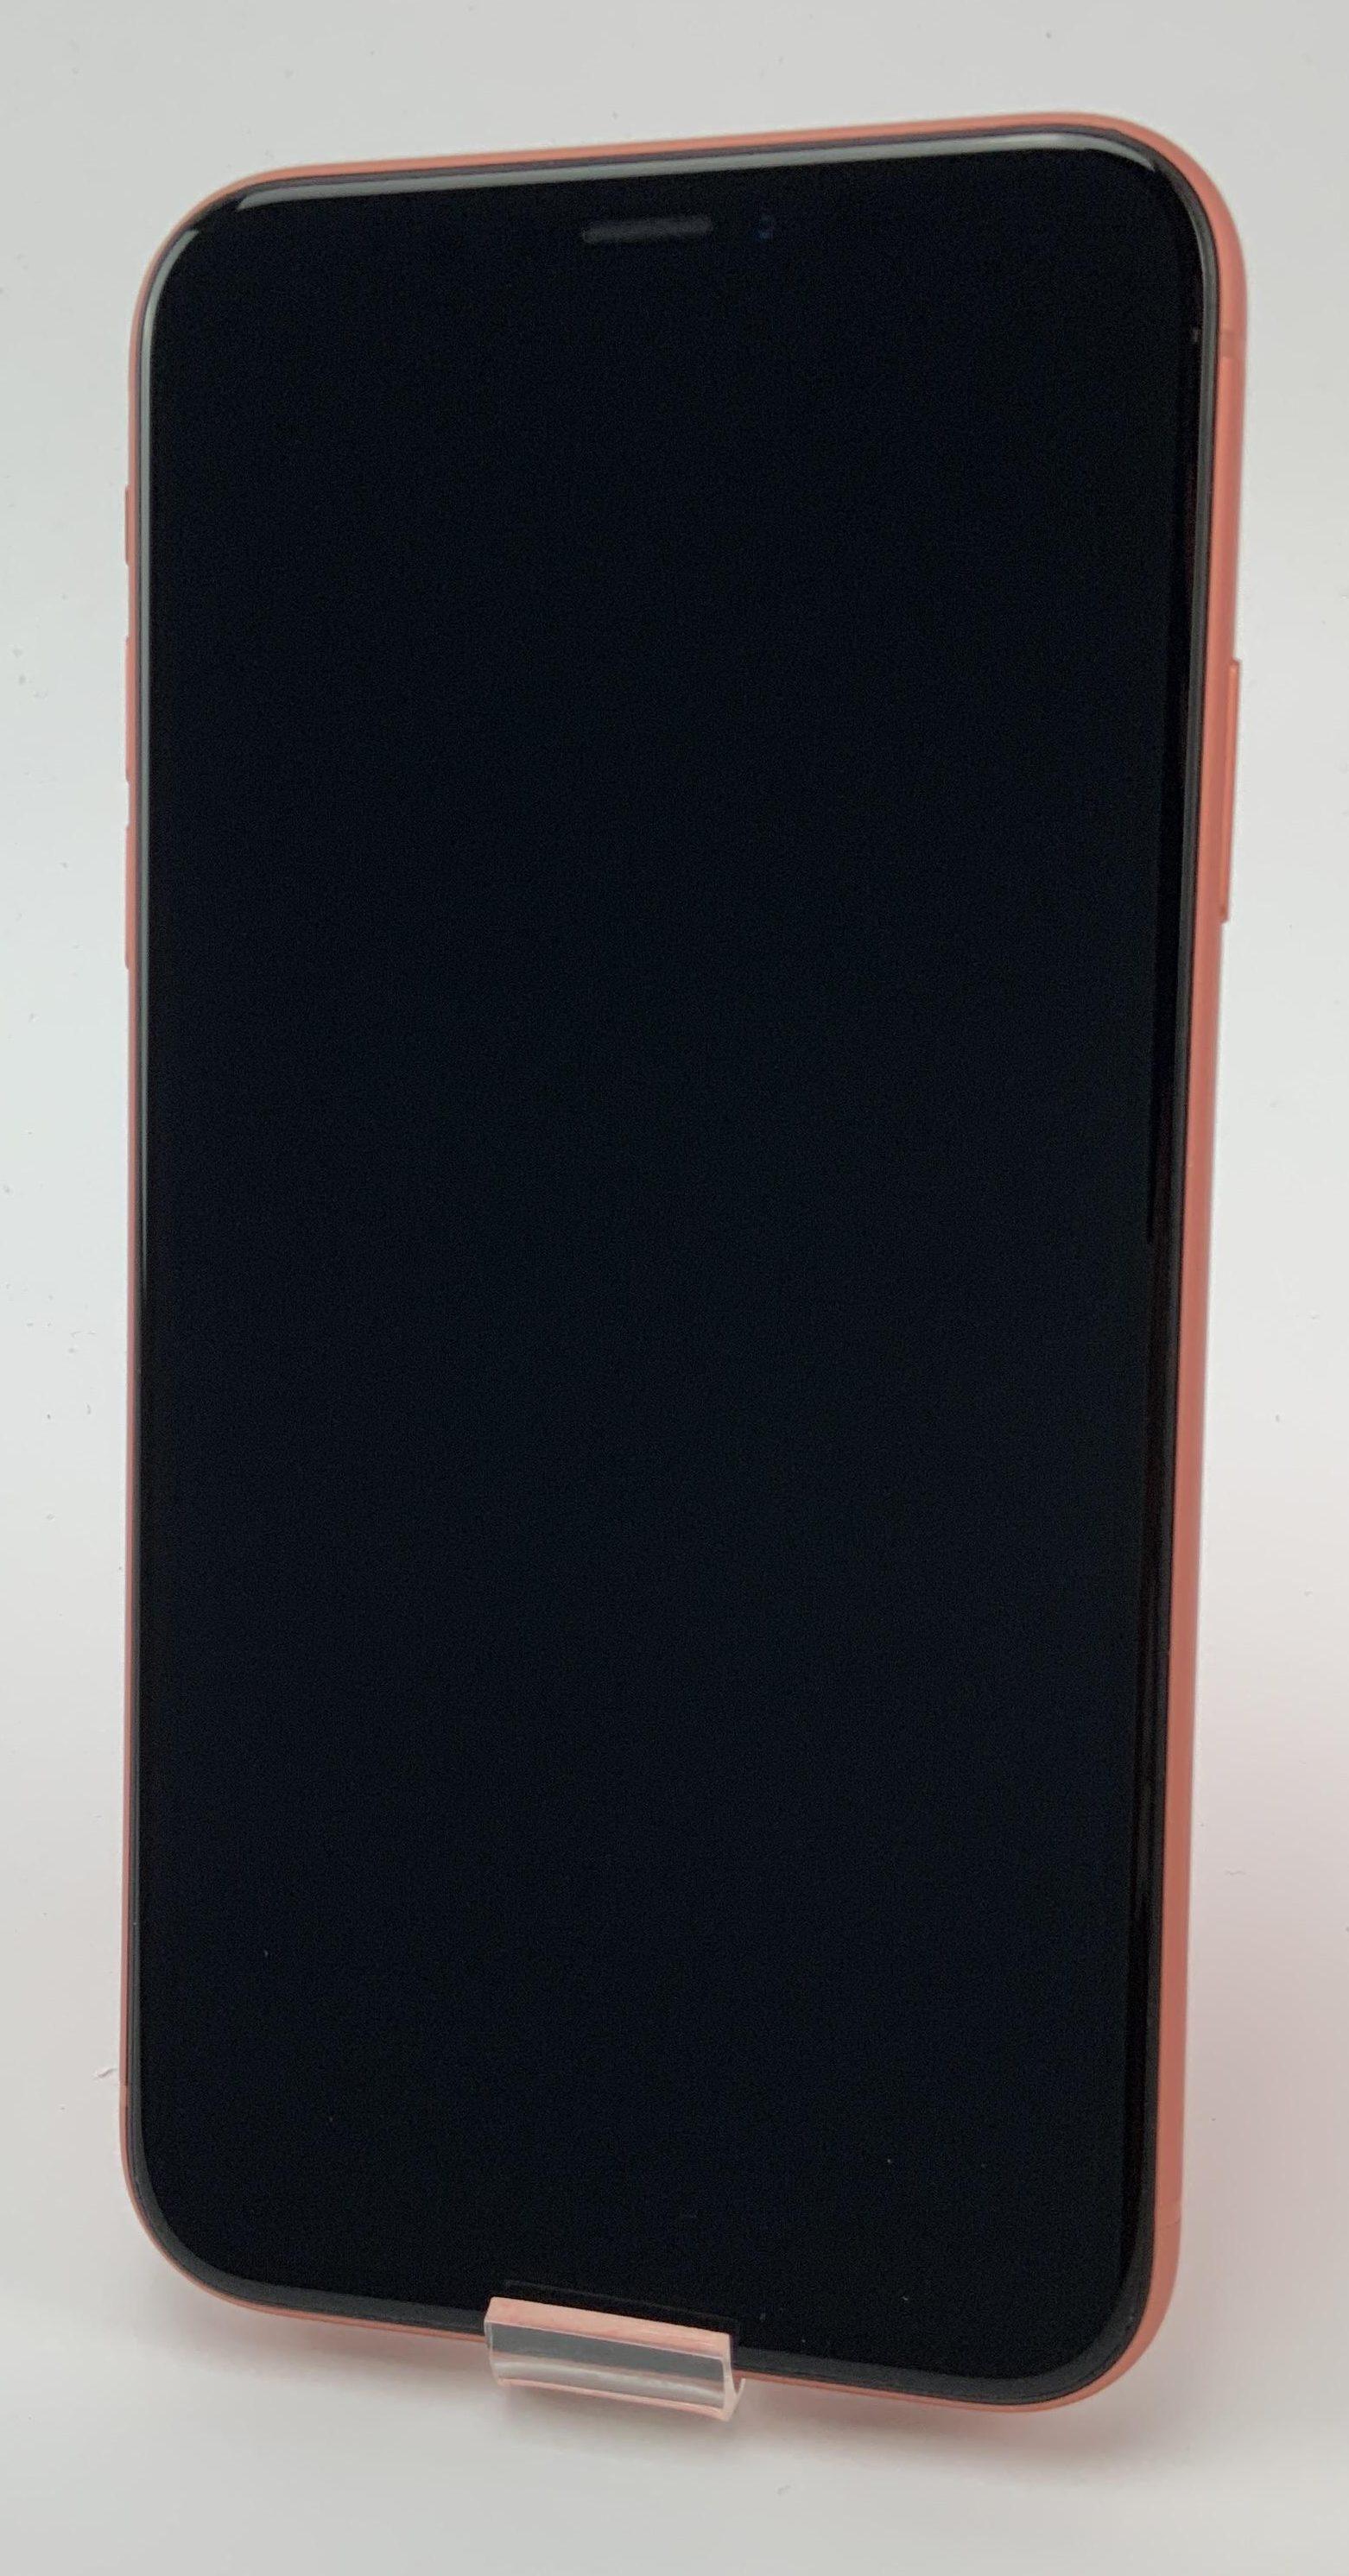 iPhone XR 128GB, 128GB, Coral, Bild 1